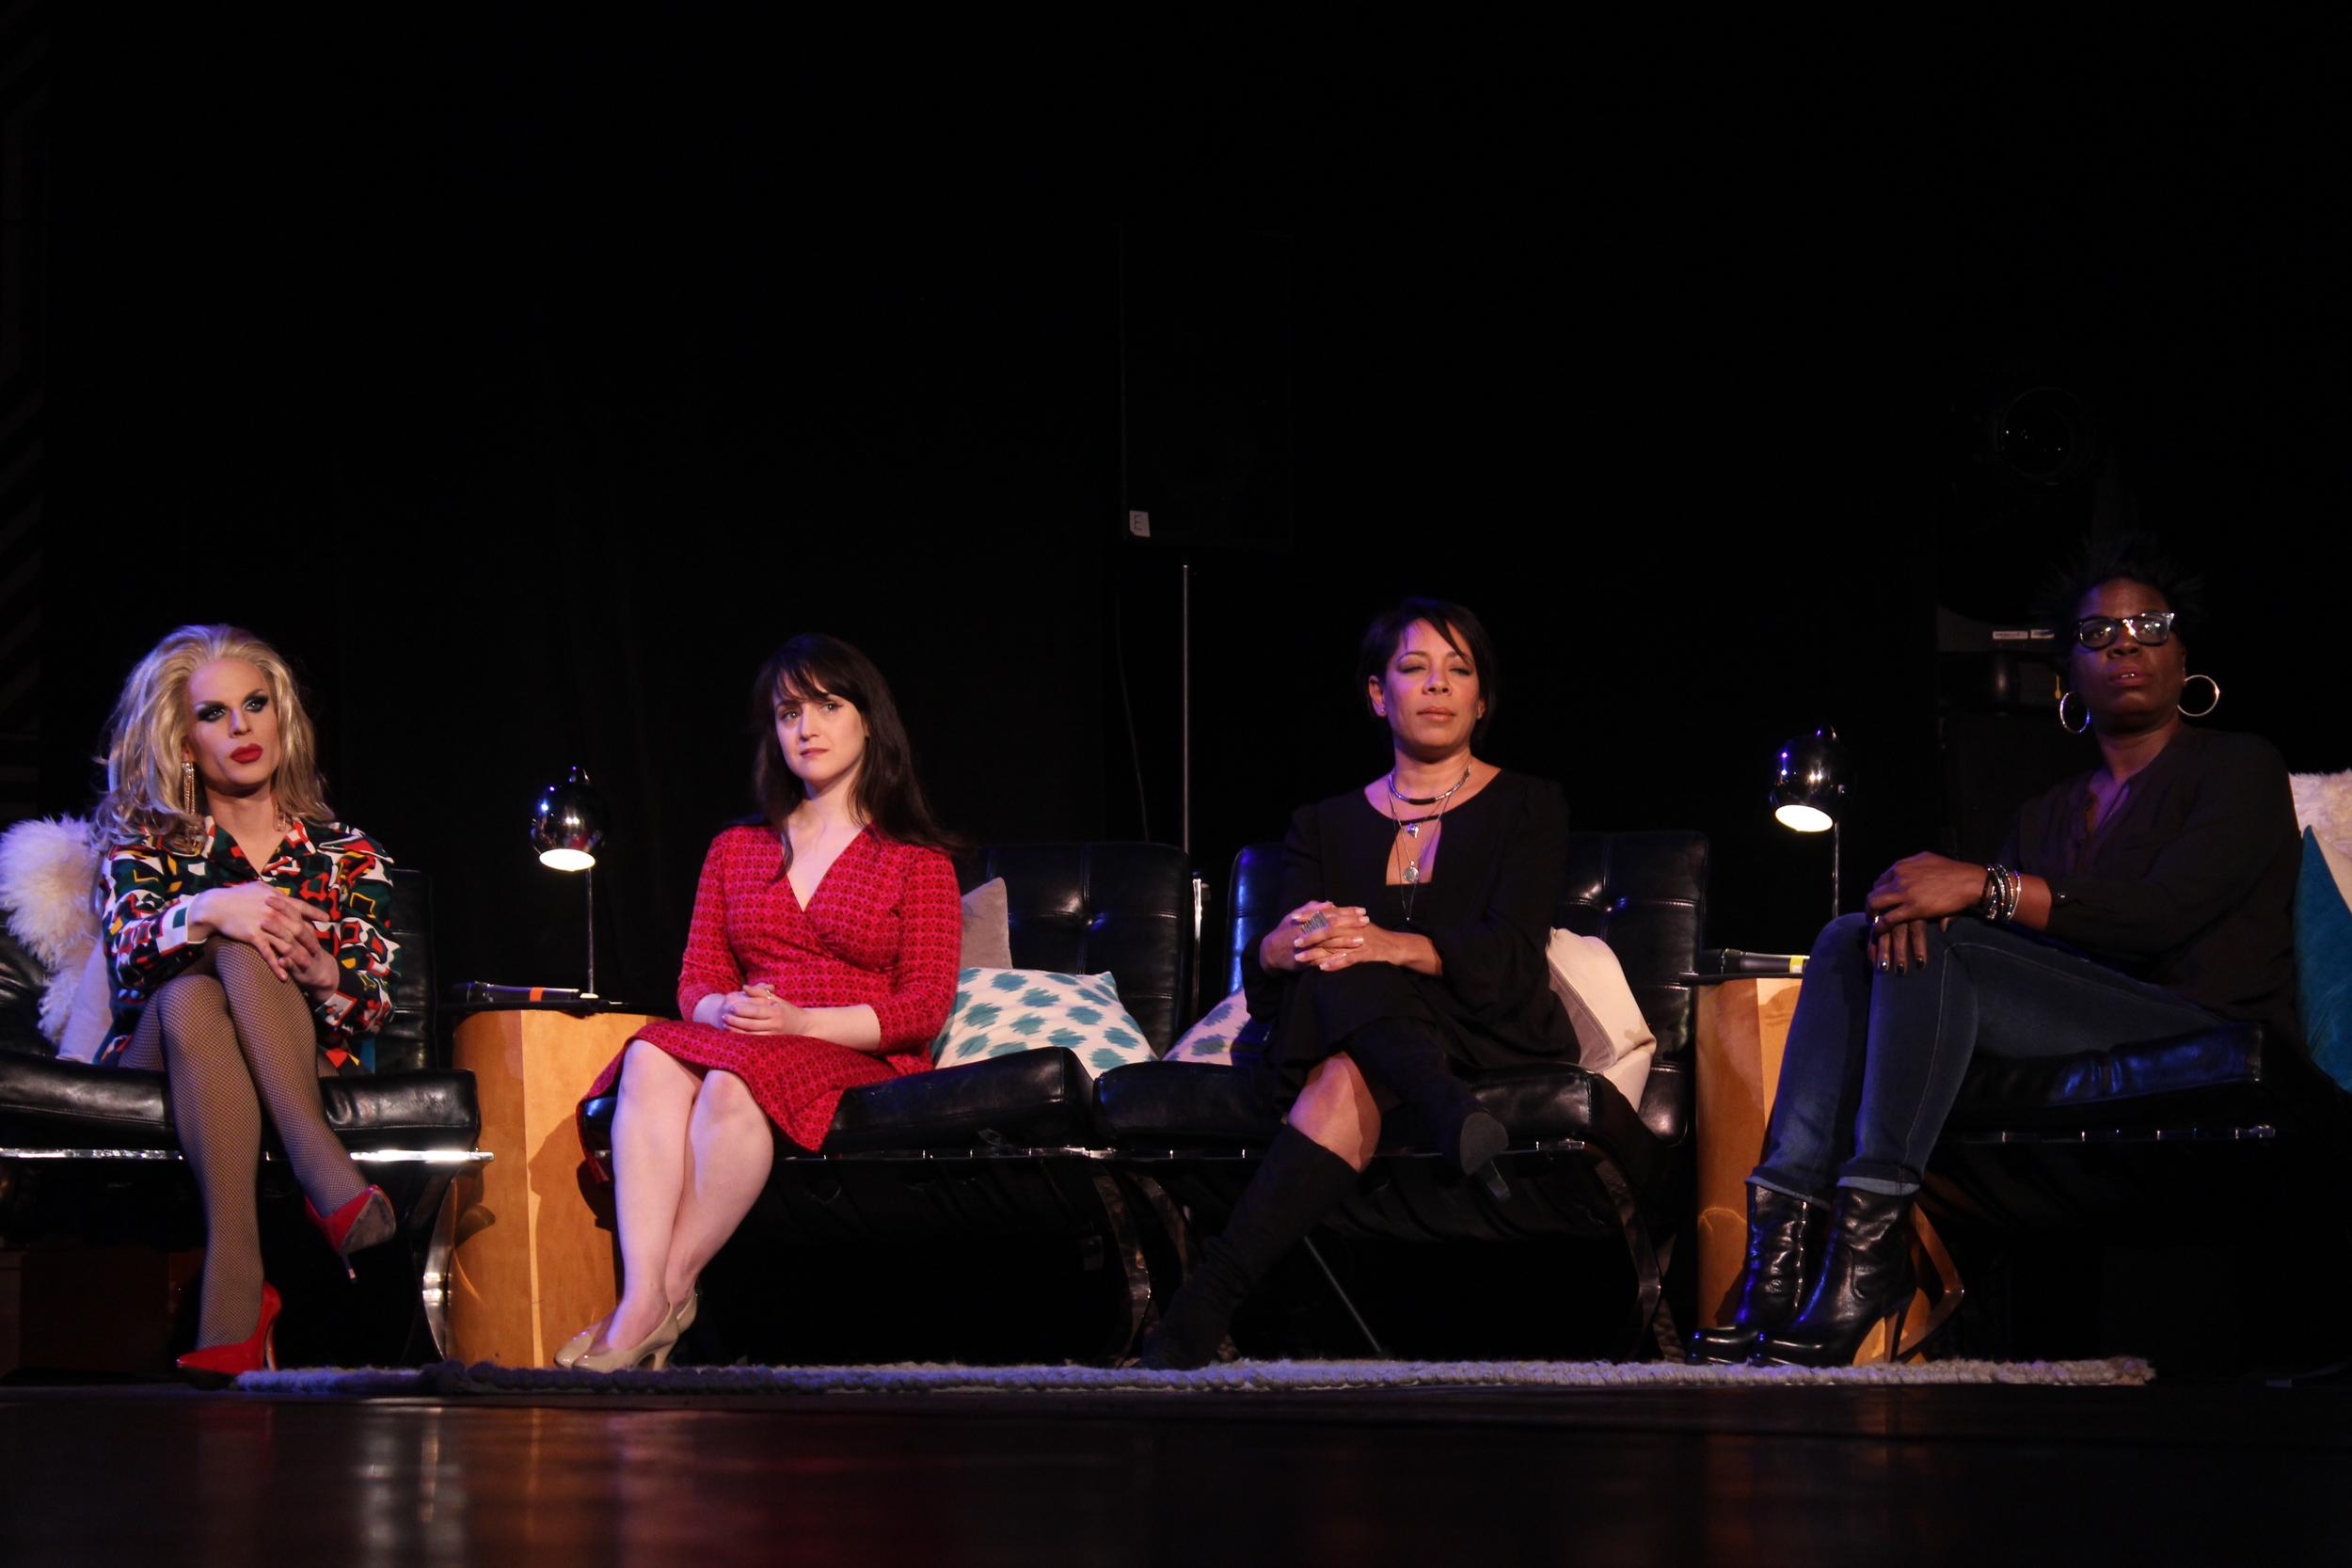 Celebrity judges Katya, Mara, Selenis, and Leslie